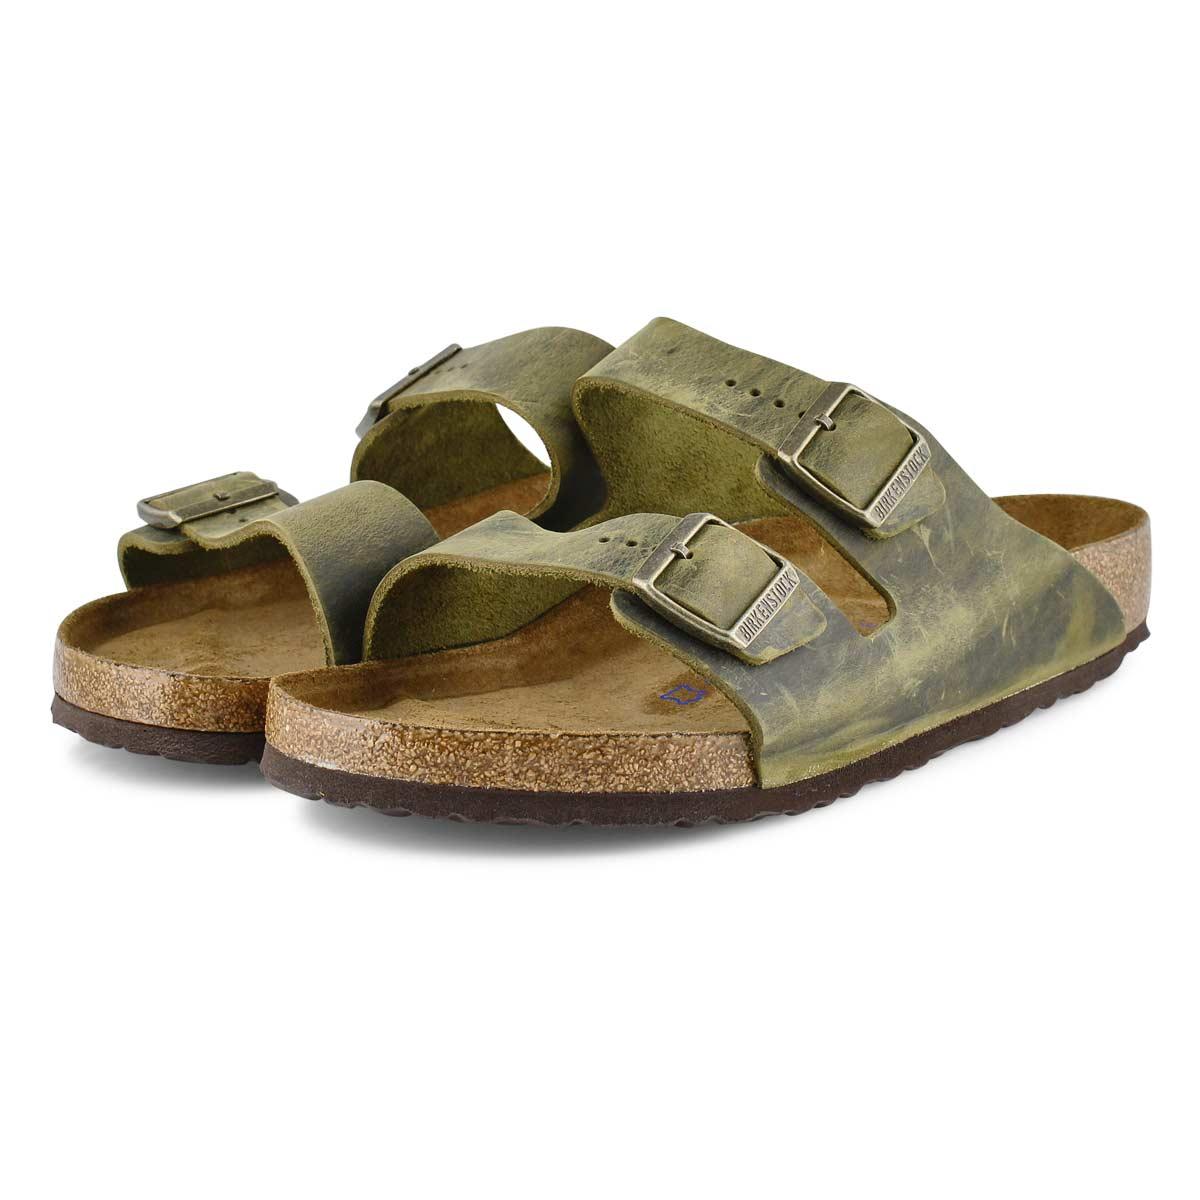 Sandales 2brides ARIZONA SF, jade, hommes